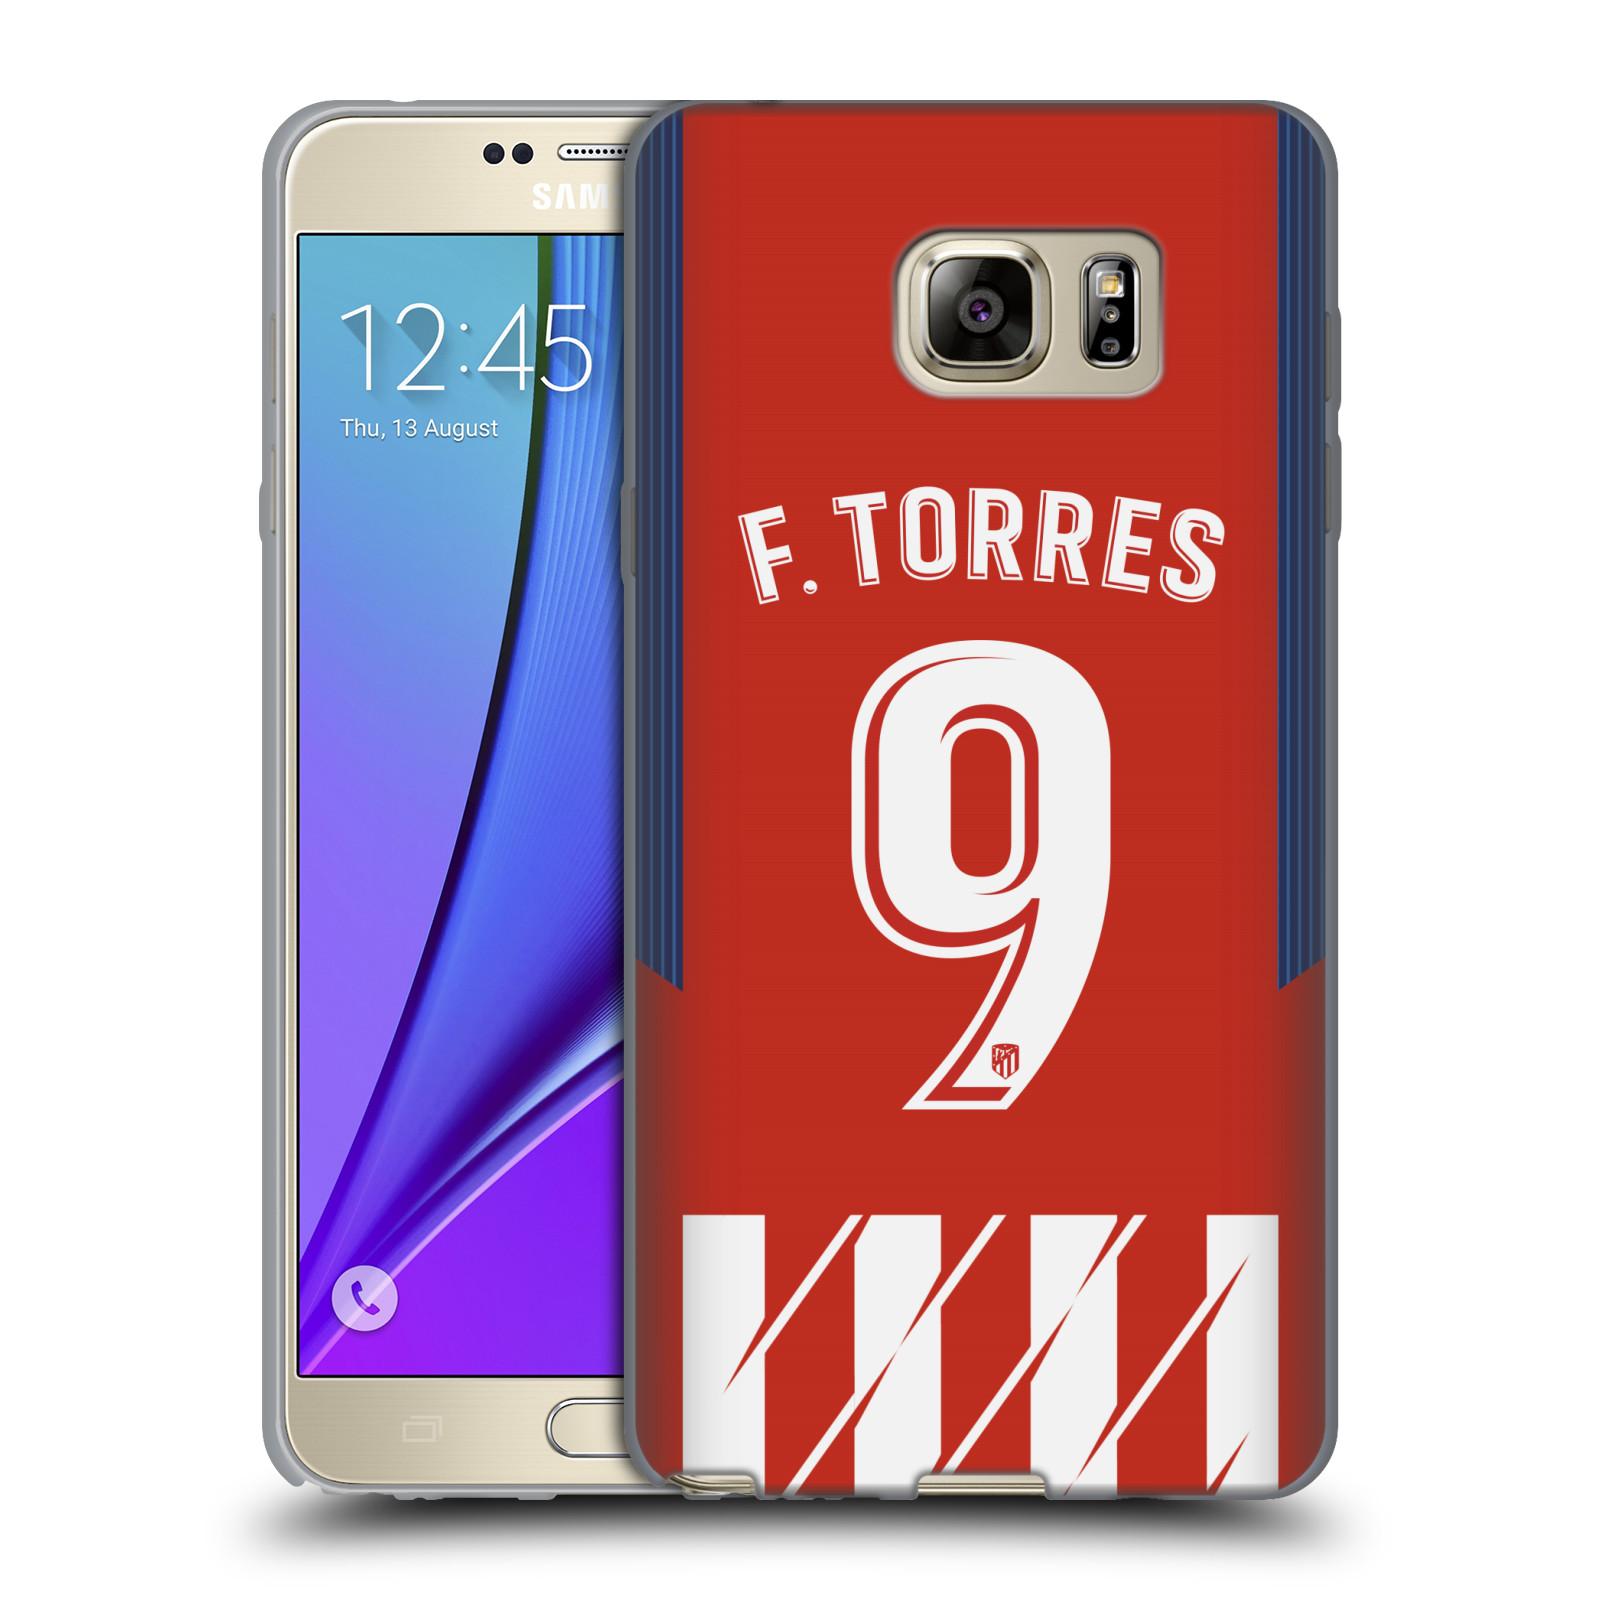 HEAD CASE silikonový obal na mobil Samsung Galaxy Note 5 Fotbalový klub Atlético Madrid dres Fernando Torres